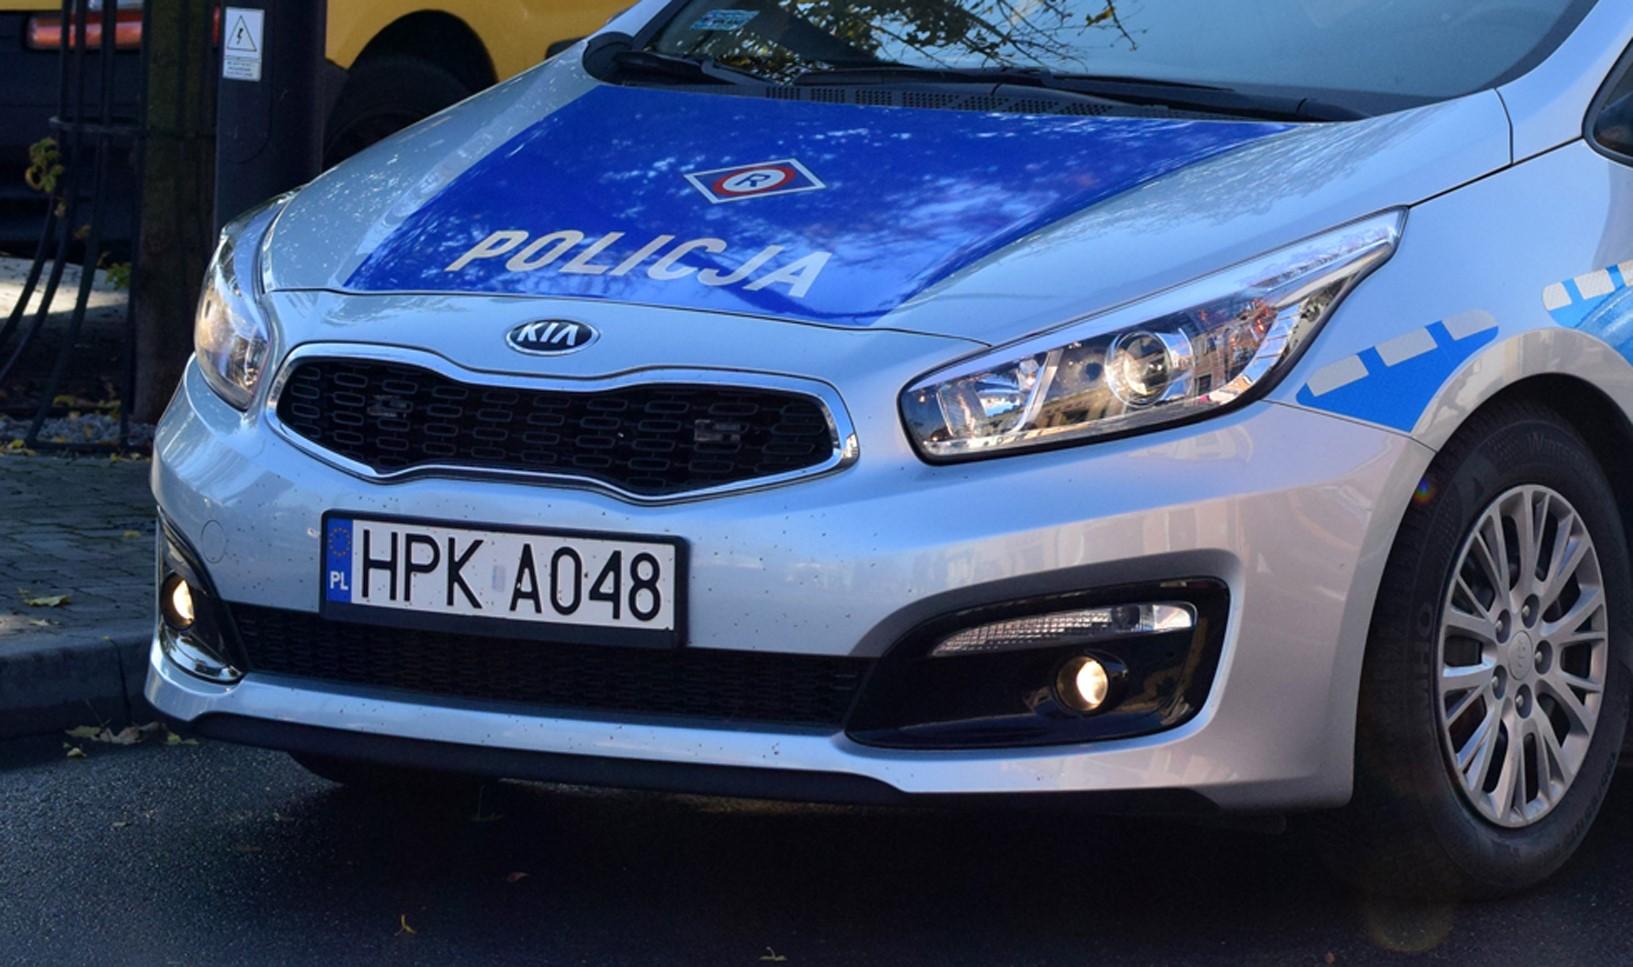 Podkarpacie: 64-latkę oszukano na kilkanaście tysięcy złotych - Zdjęcie główne